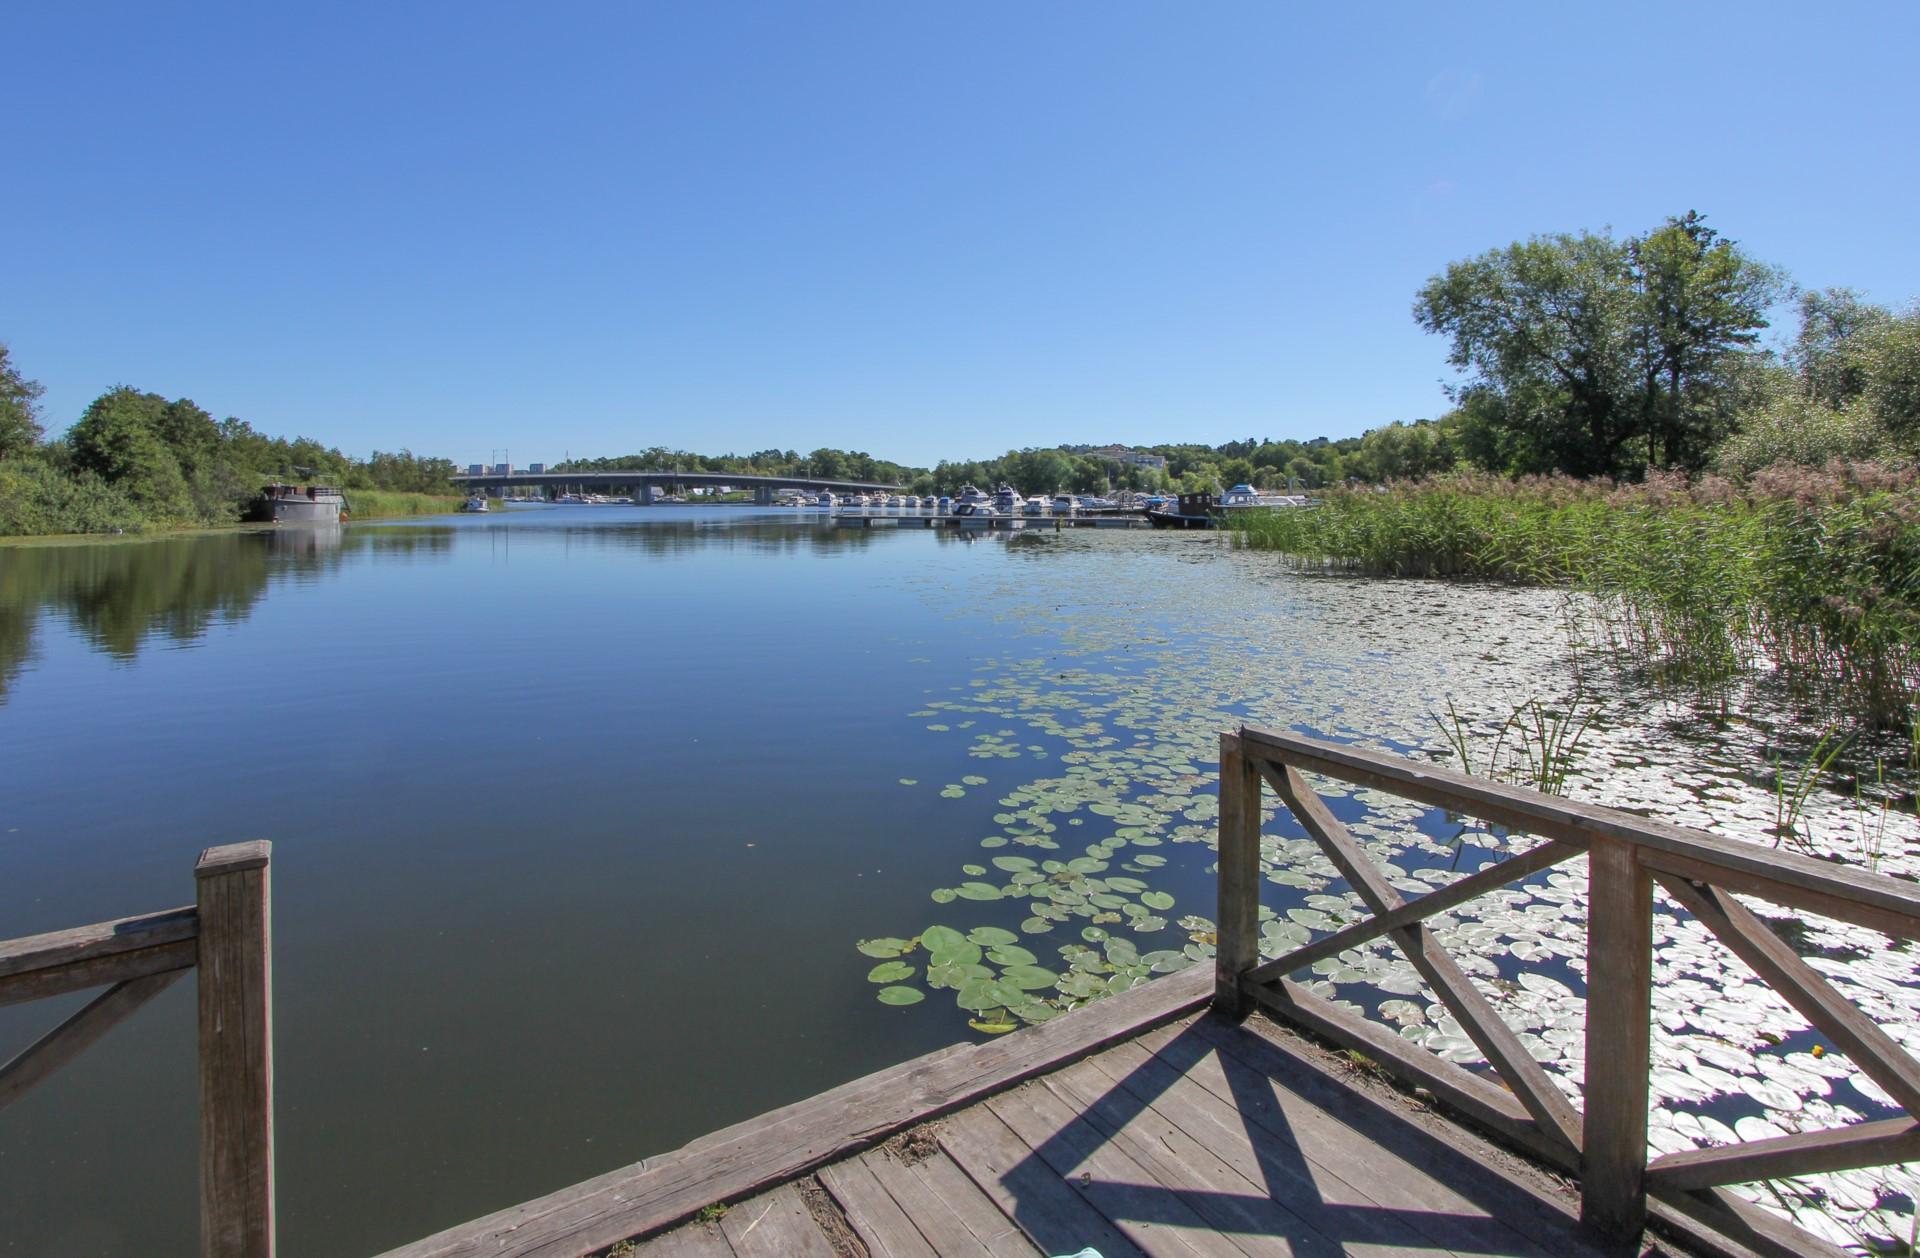 Ulvsundasjön